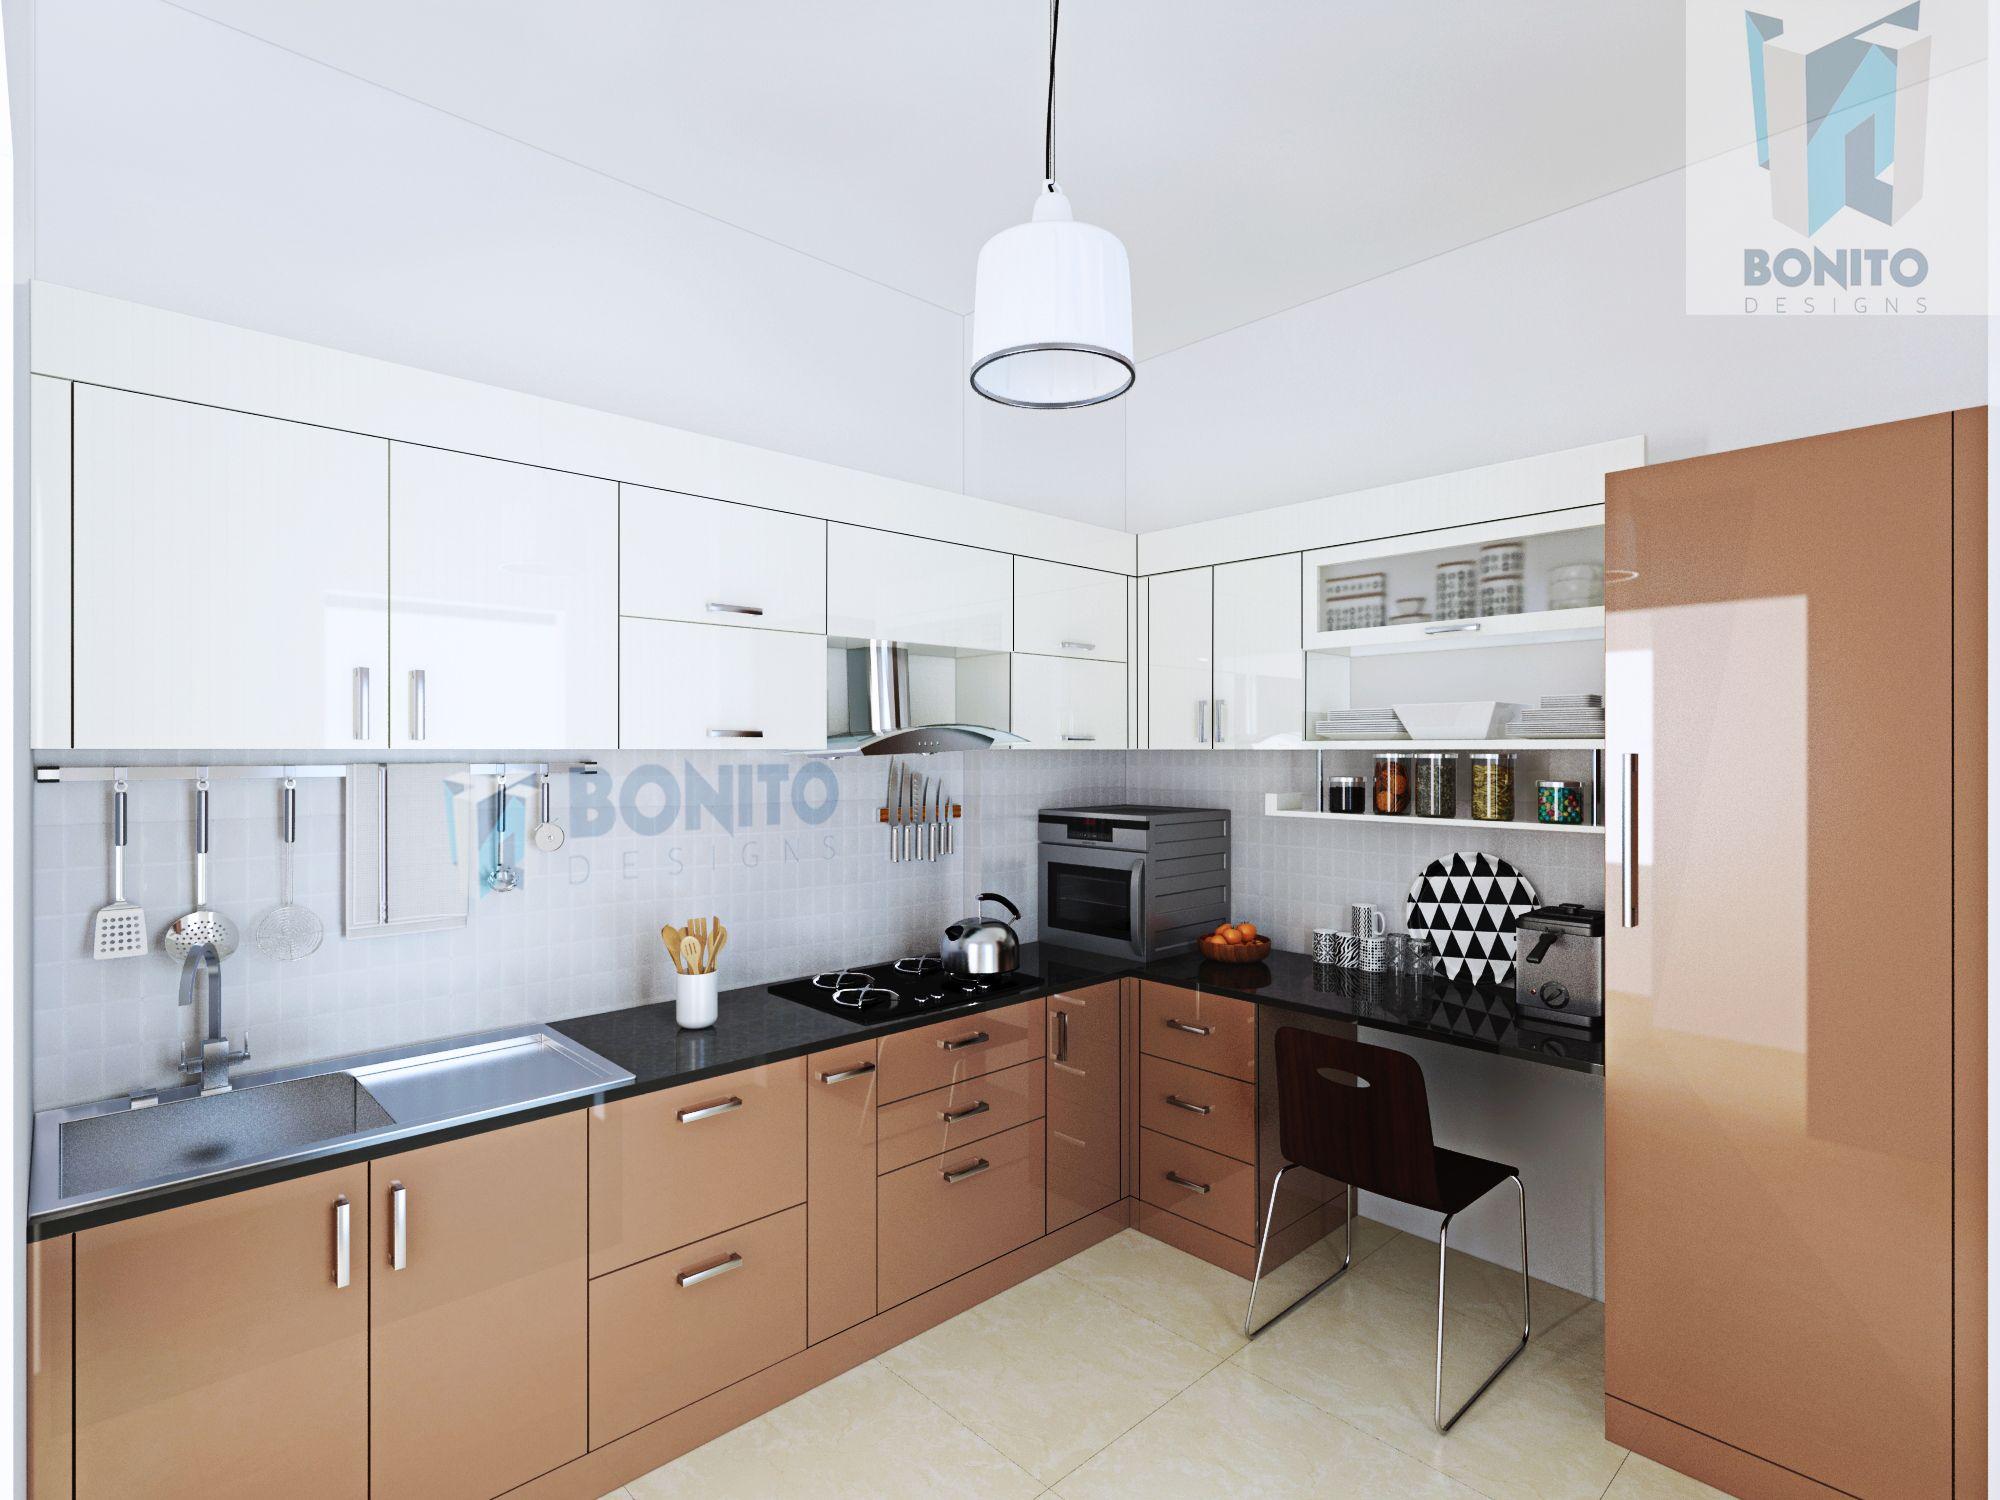 modular kitchen taken to a new levelbonito designs